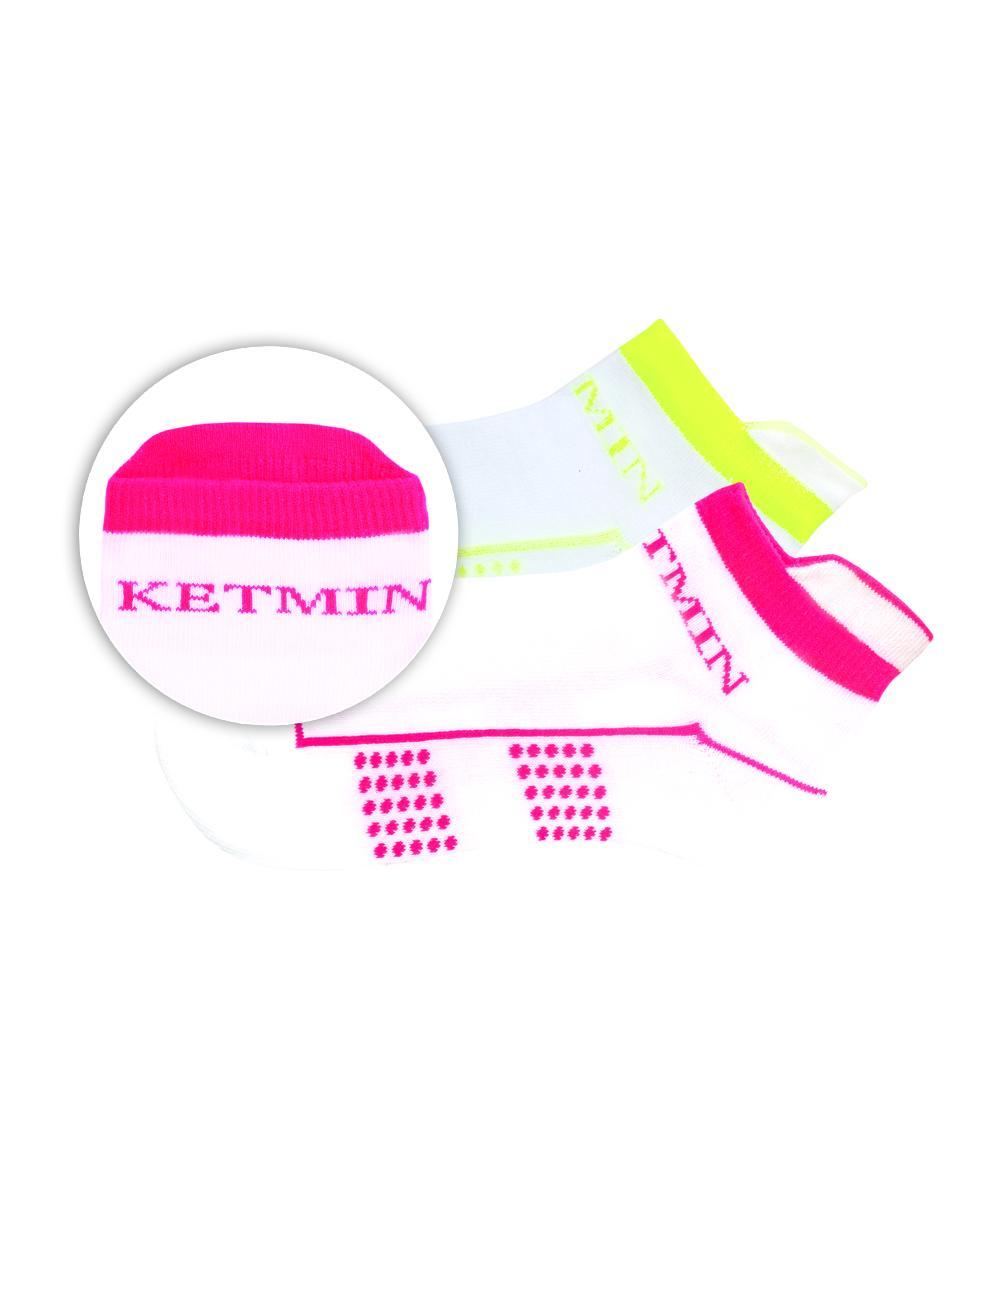 Носки KETMIN Exclusive цв.Белый/Салатовый; Белый/Розовый ( упак. 2 пары )